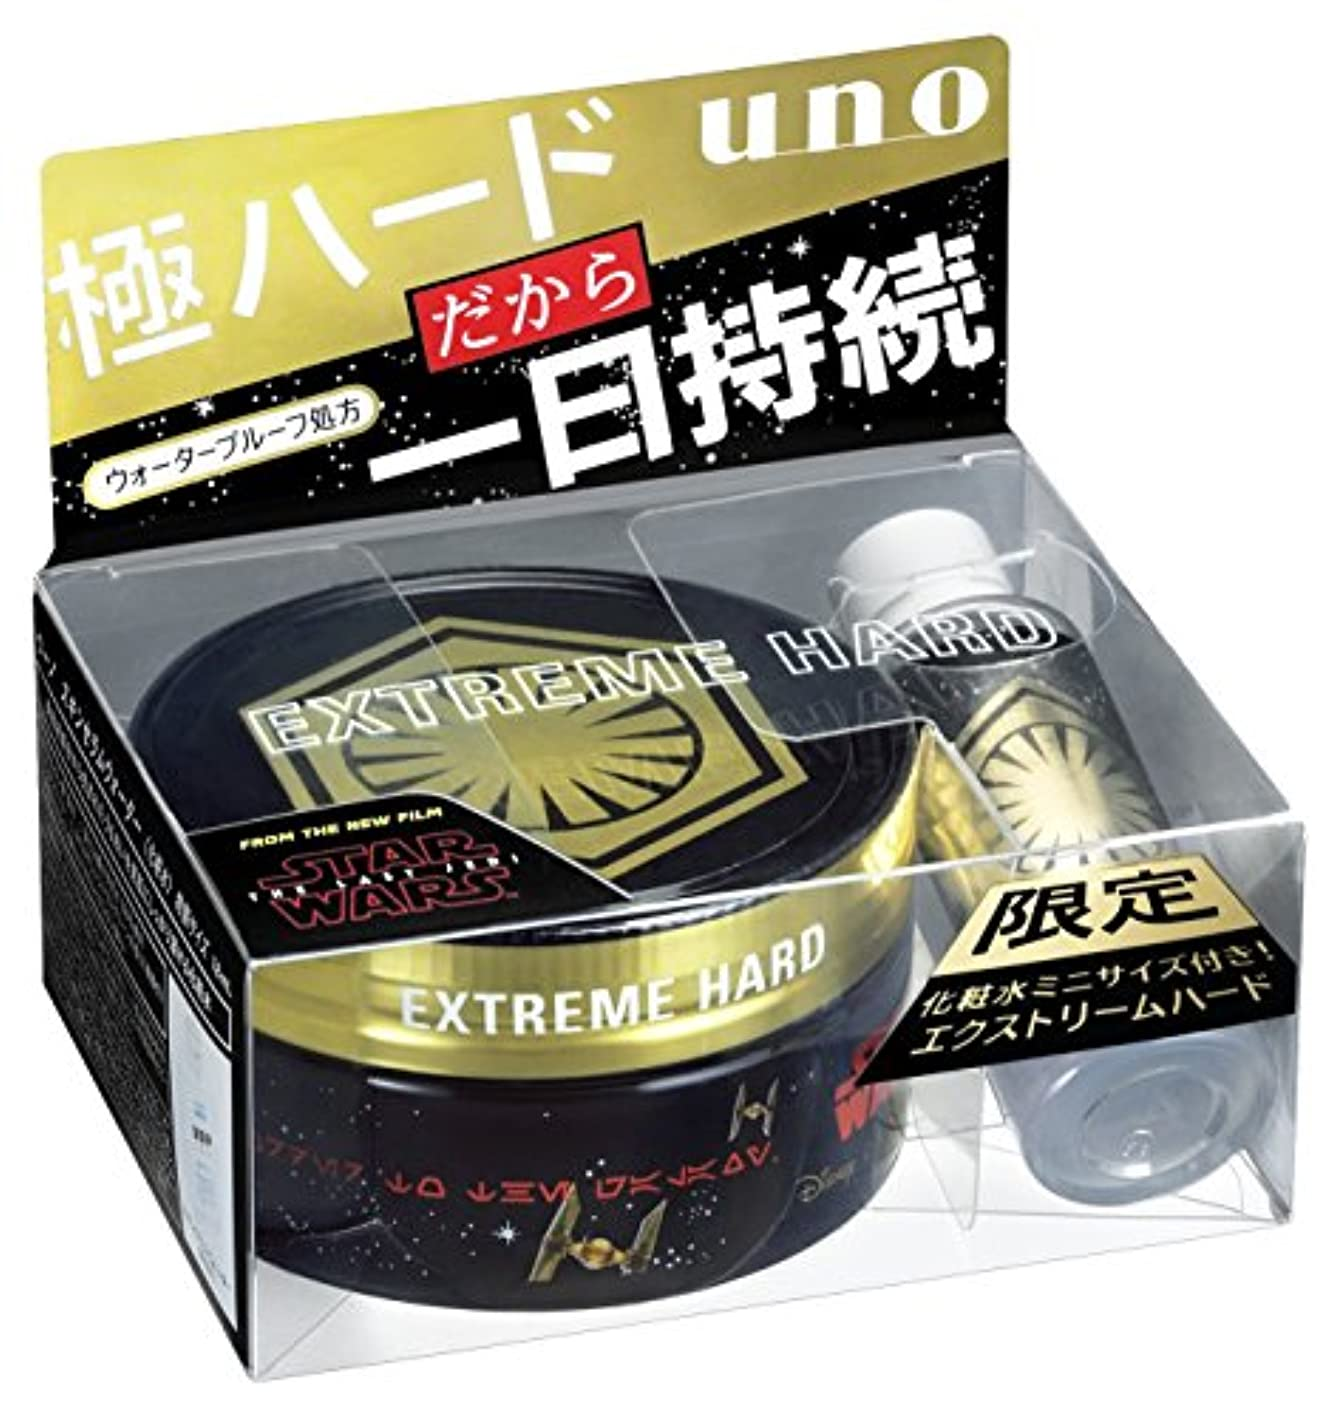 弱める人間ビジターuno(ウーノ) ウーノ エクストリームハード ワックス 80g スキンセラムウォーターミニボトル付(スターウォーズEp8)